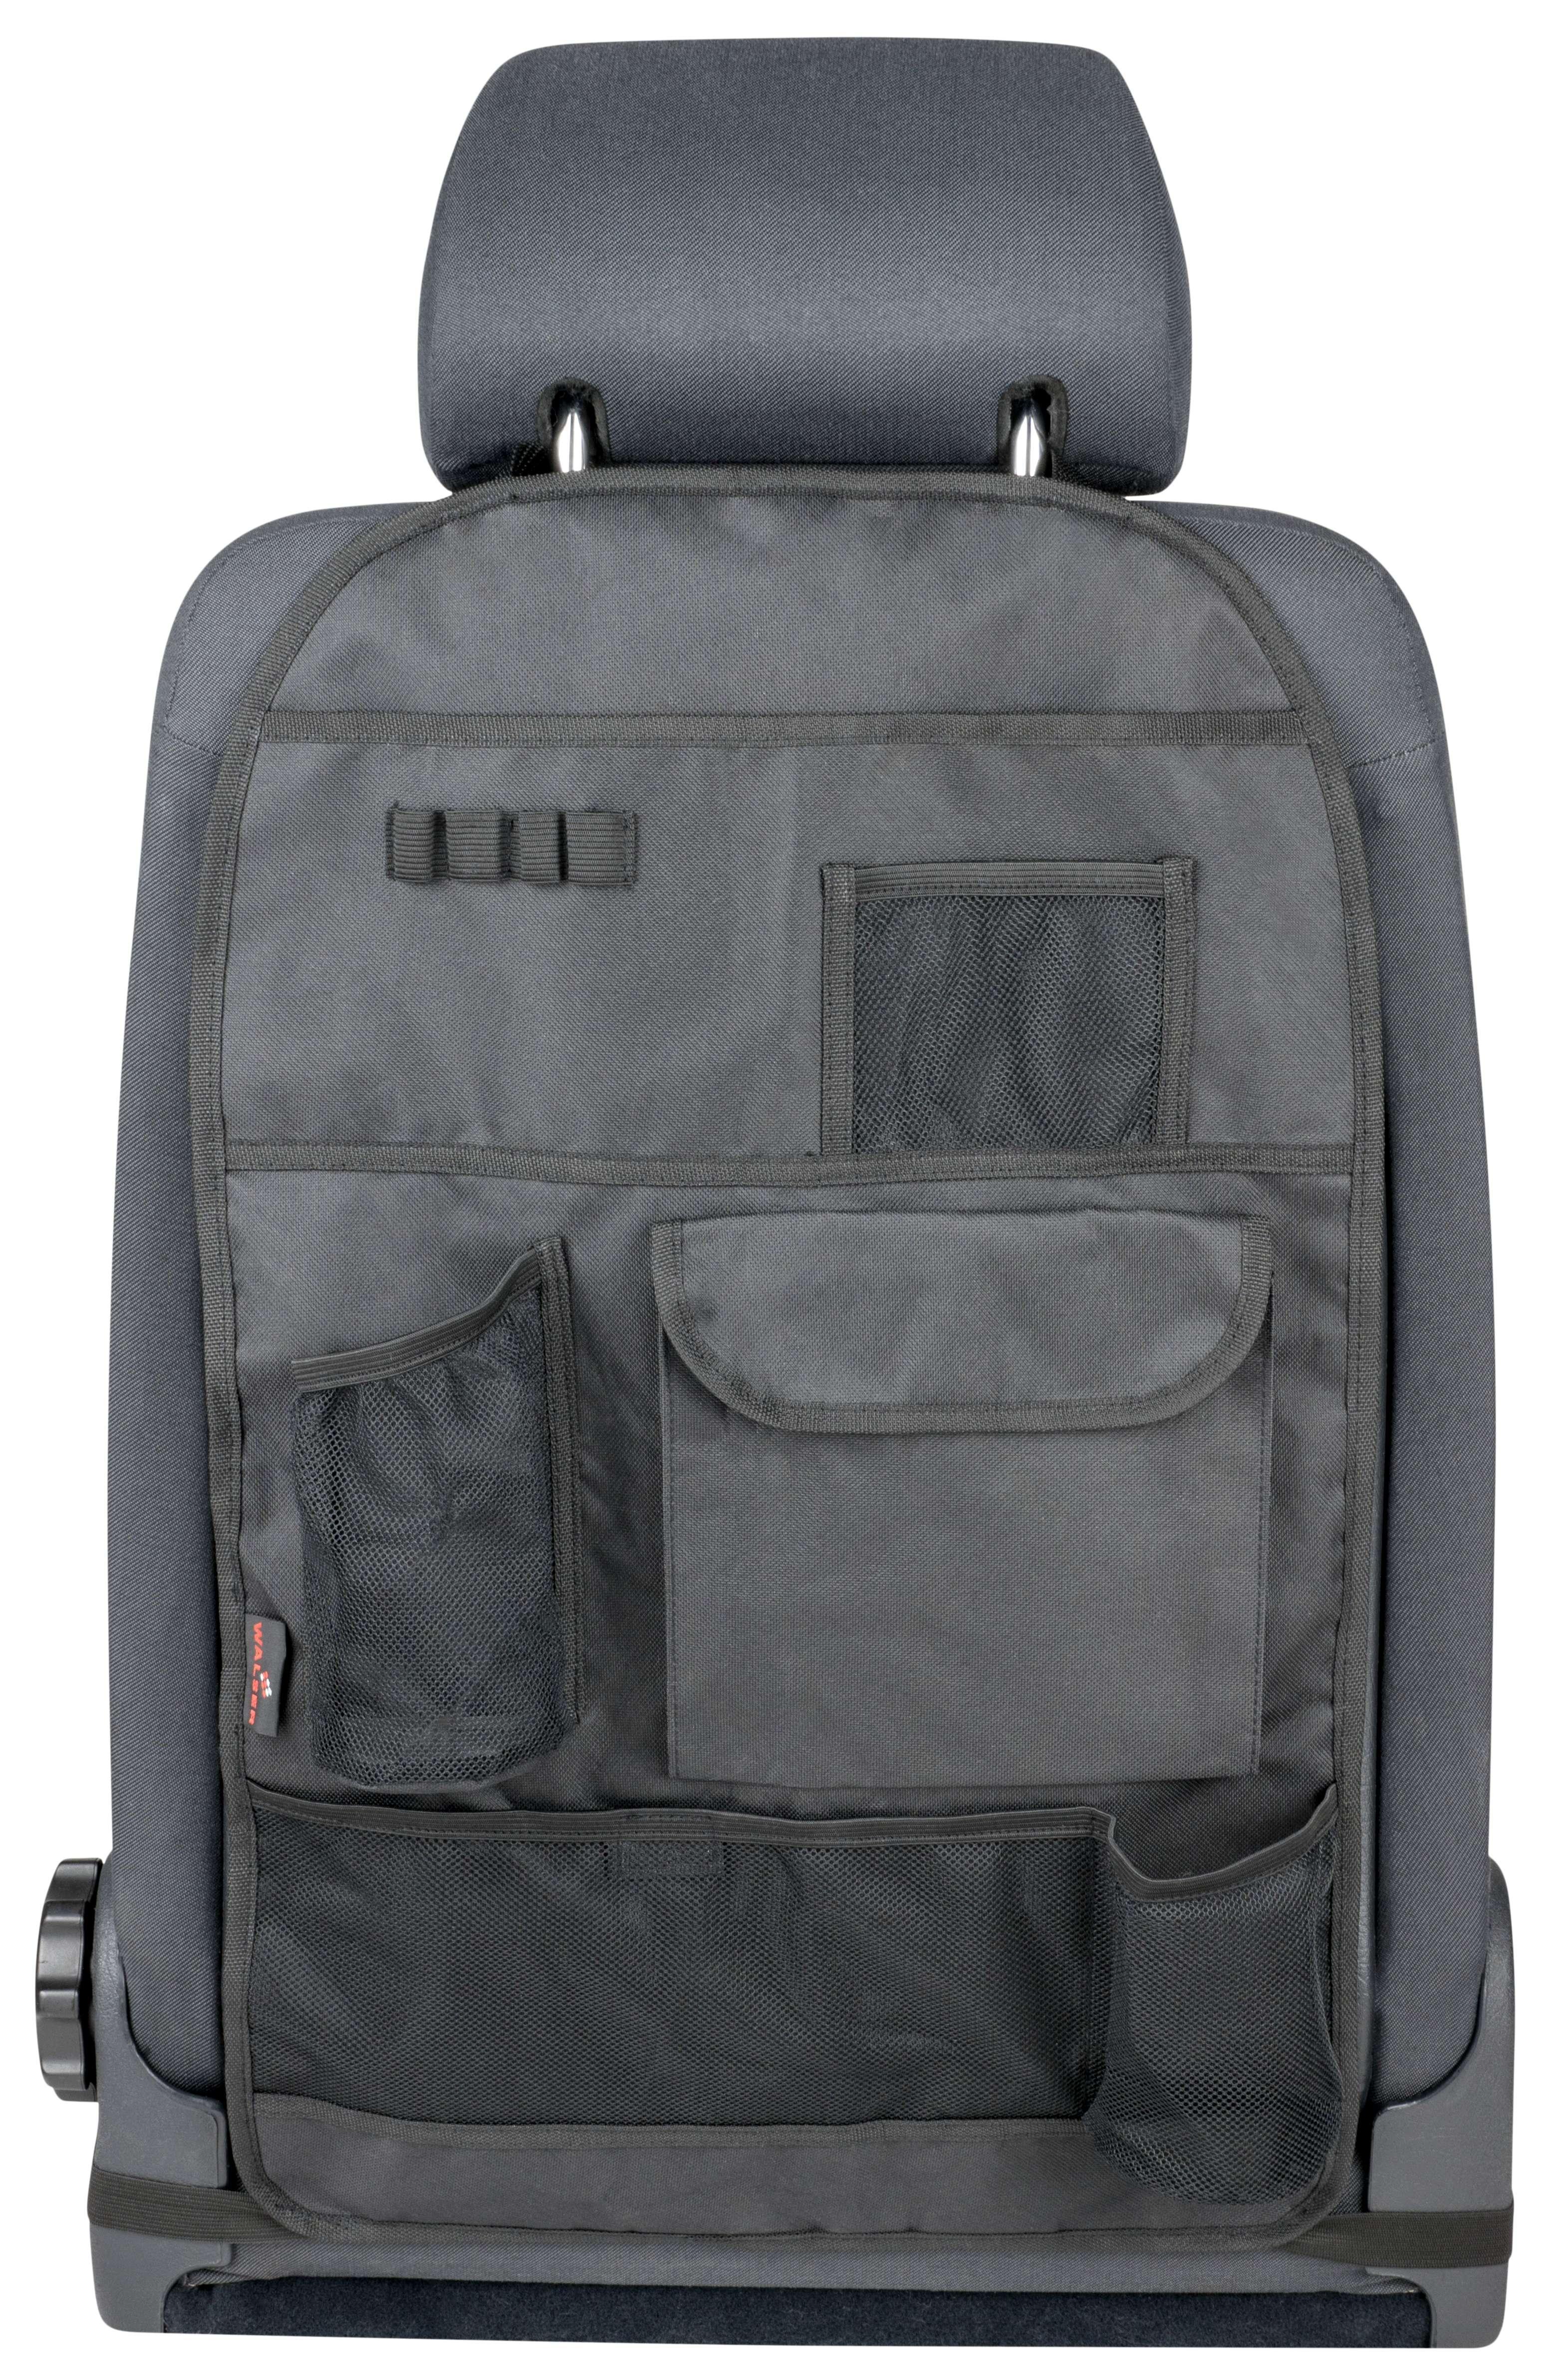 Rücksitz-Organizer 24006 WALSER 24006 in Original Qualität